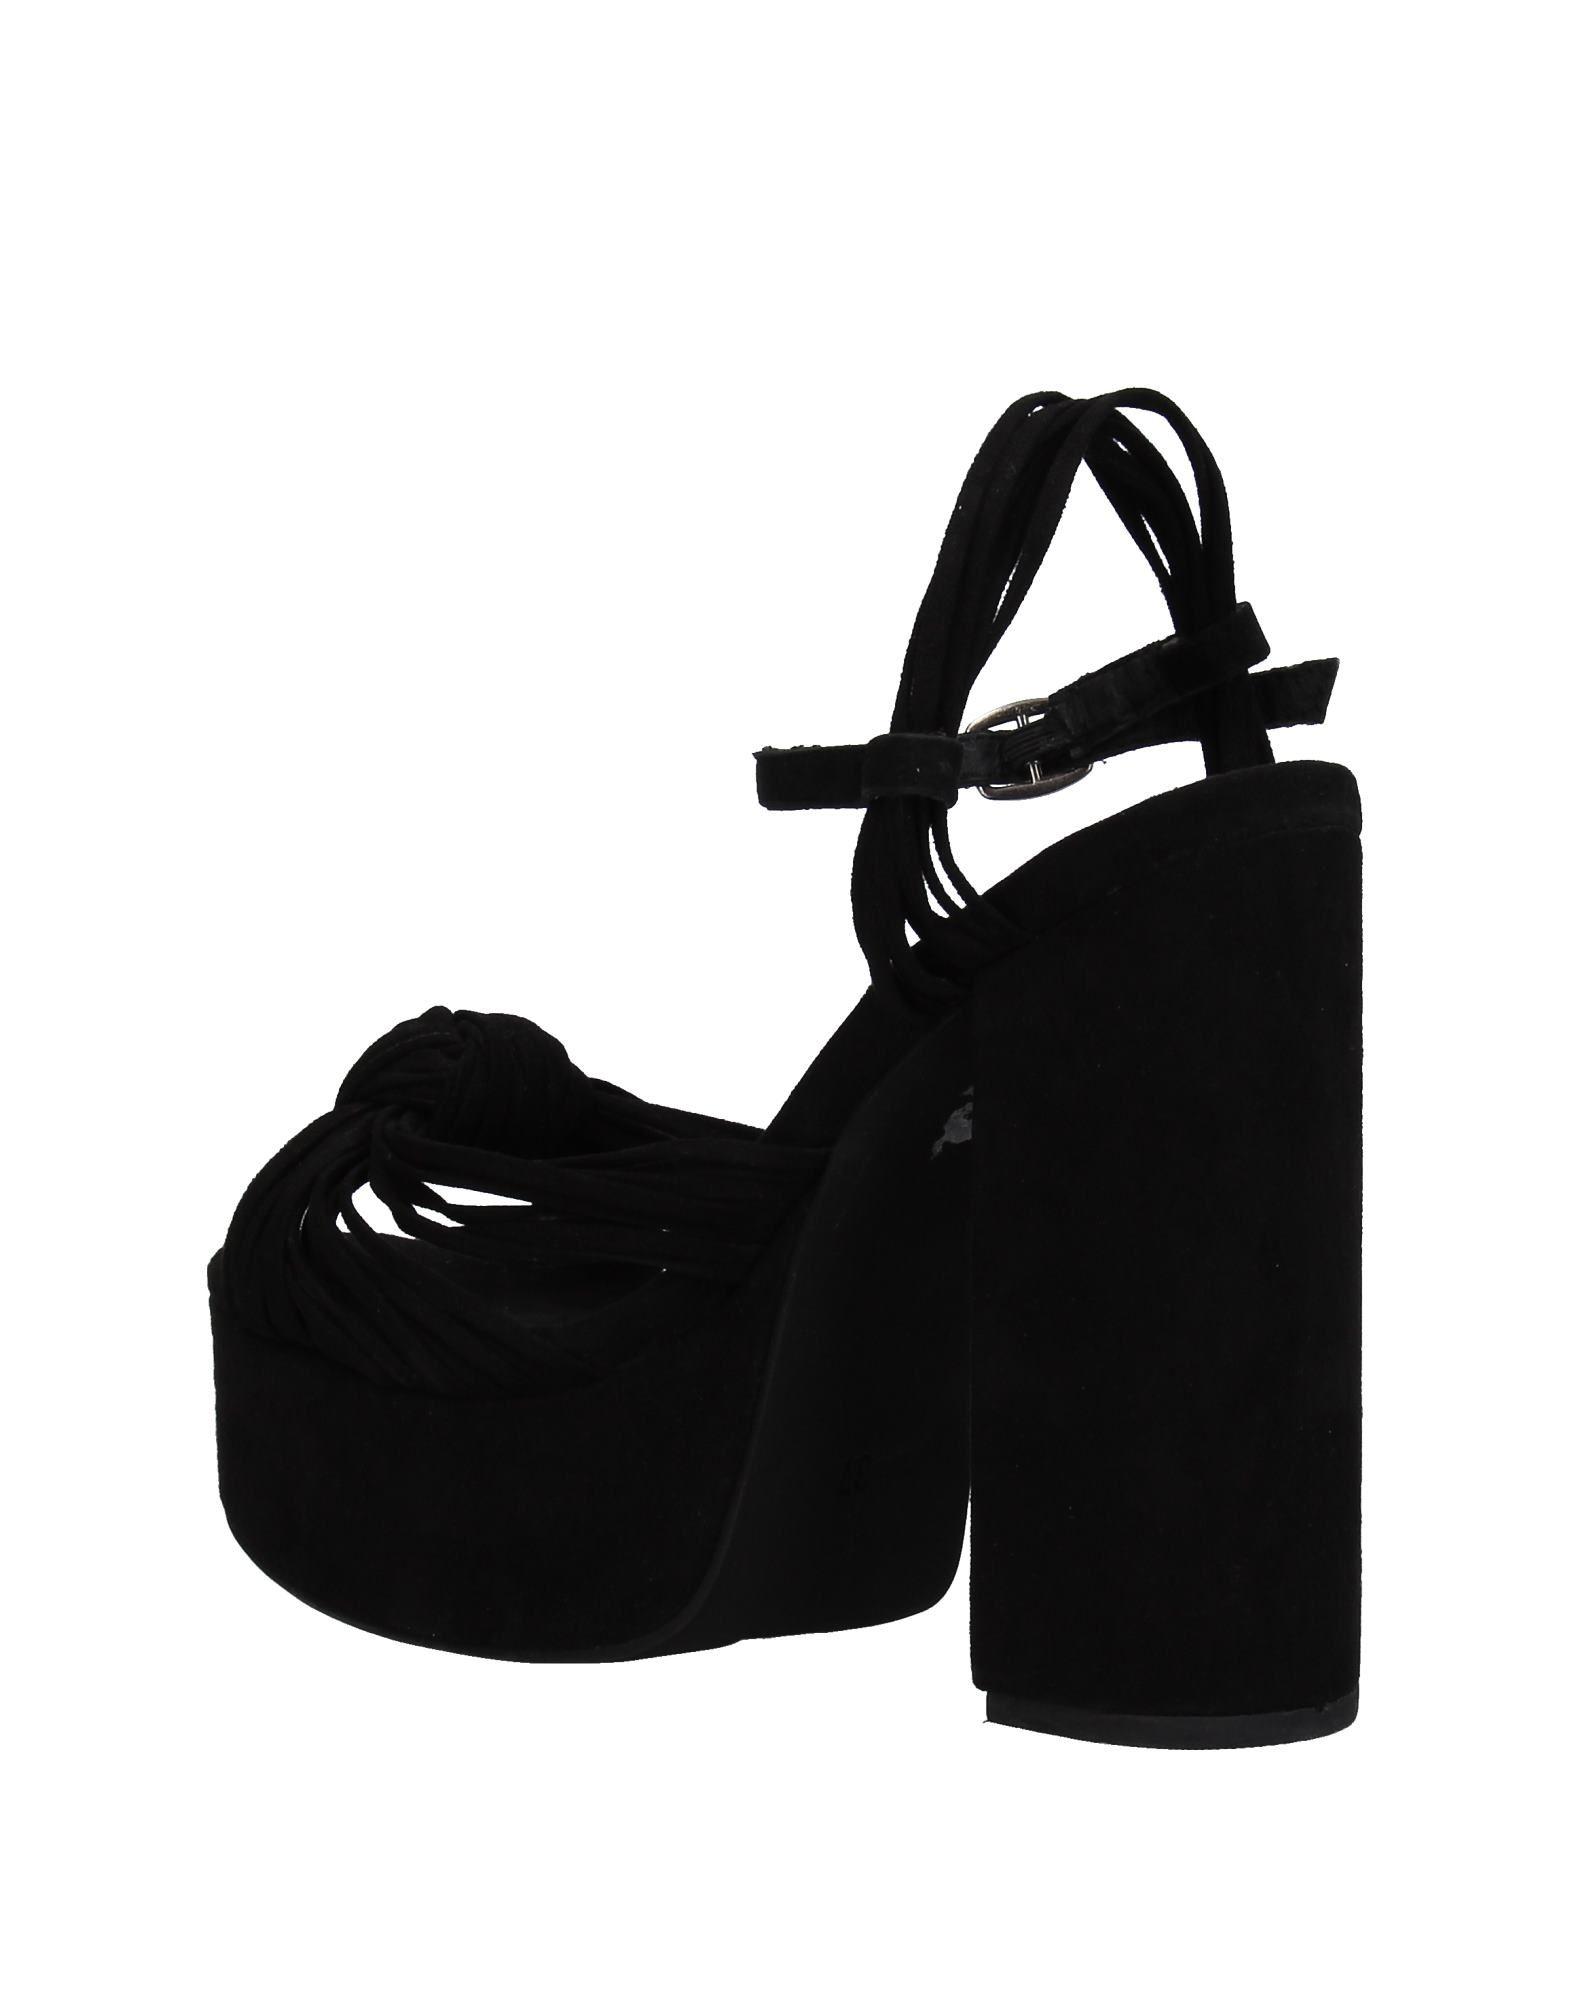 Jeffrey Campbell Sandalen Qualität Damen  11404239AC Gute Qualität Sandalen beliebte Schuhe fdc26c